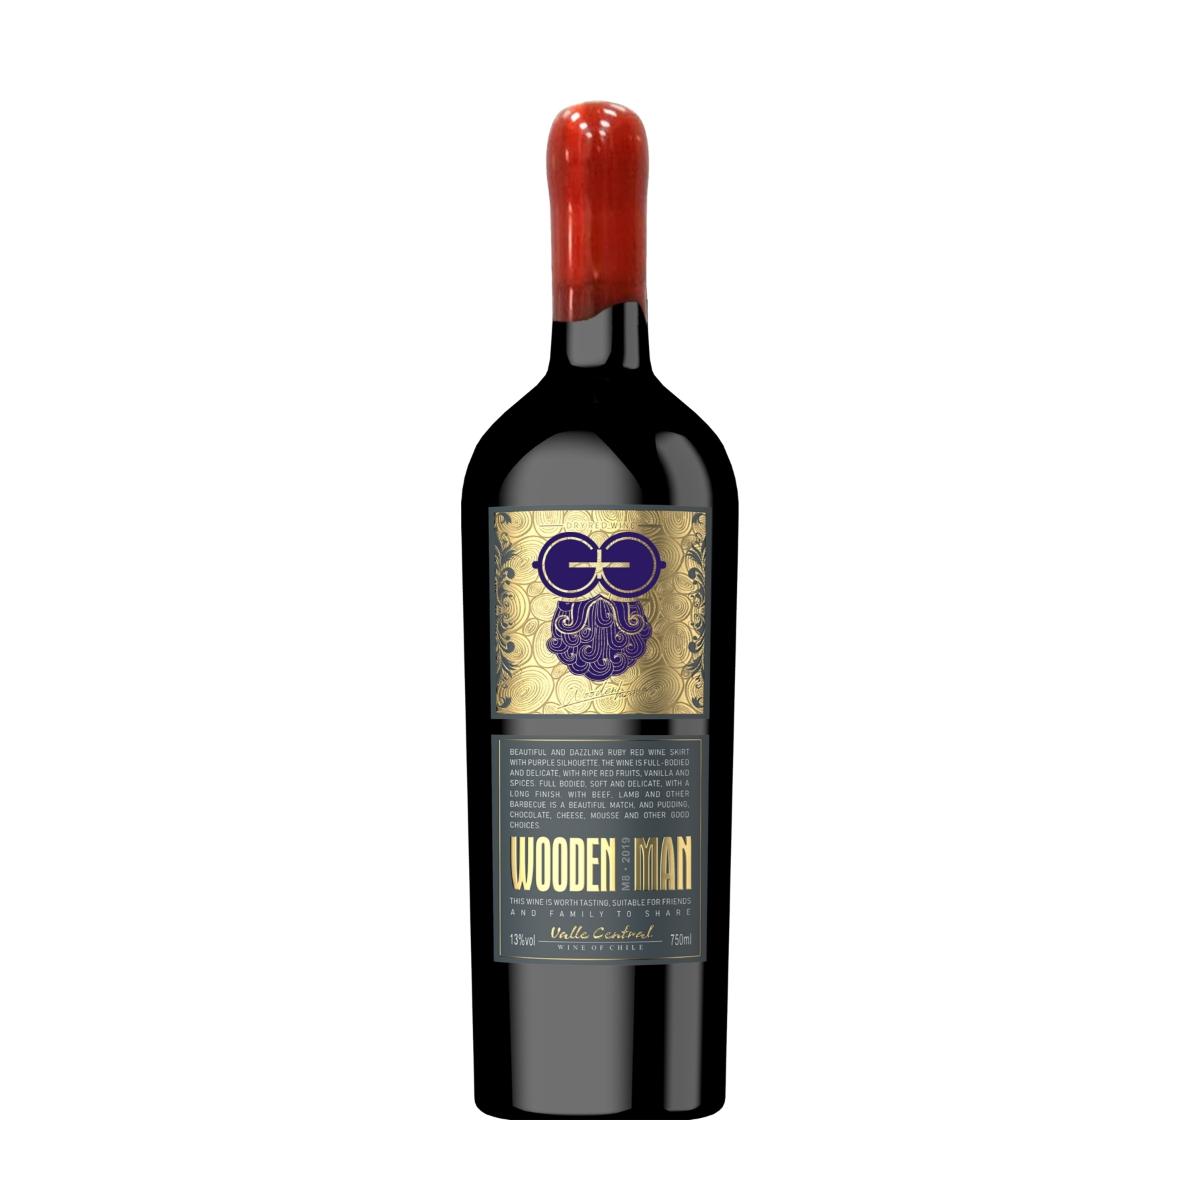 智利莫莱谷木翁先生特级珍藏红葡萄酒红酒